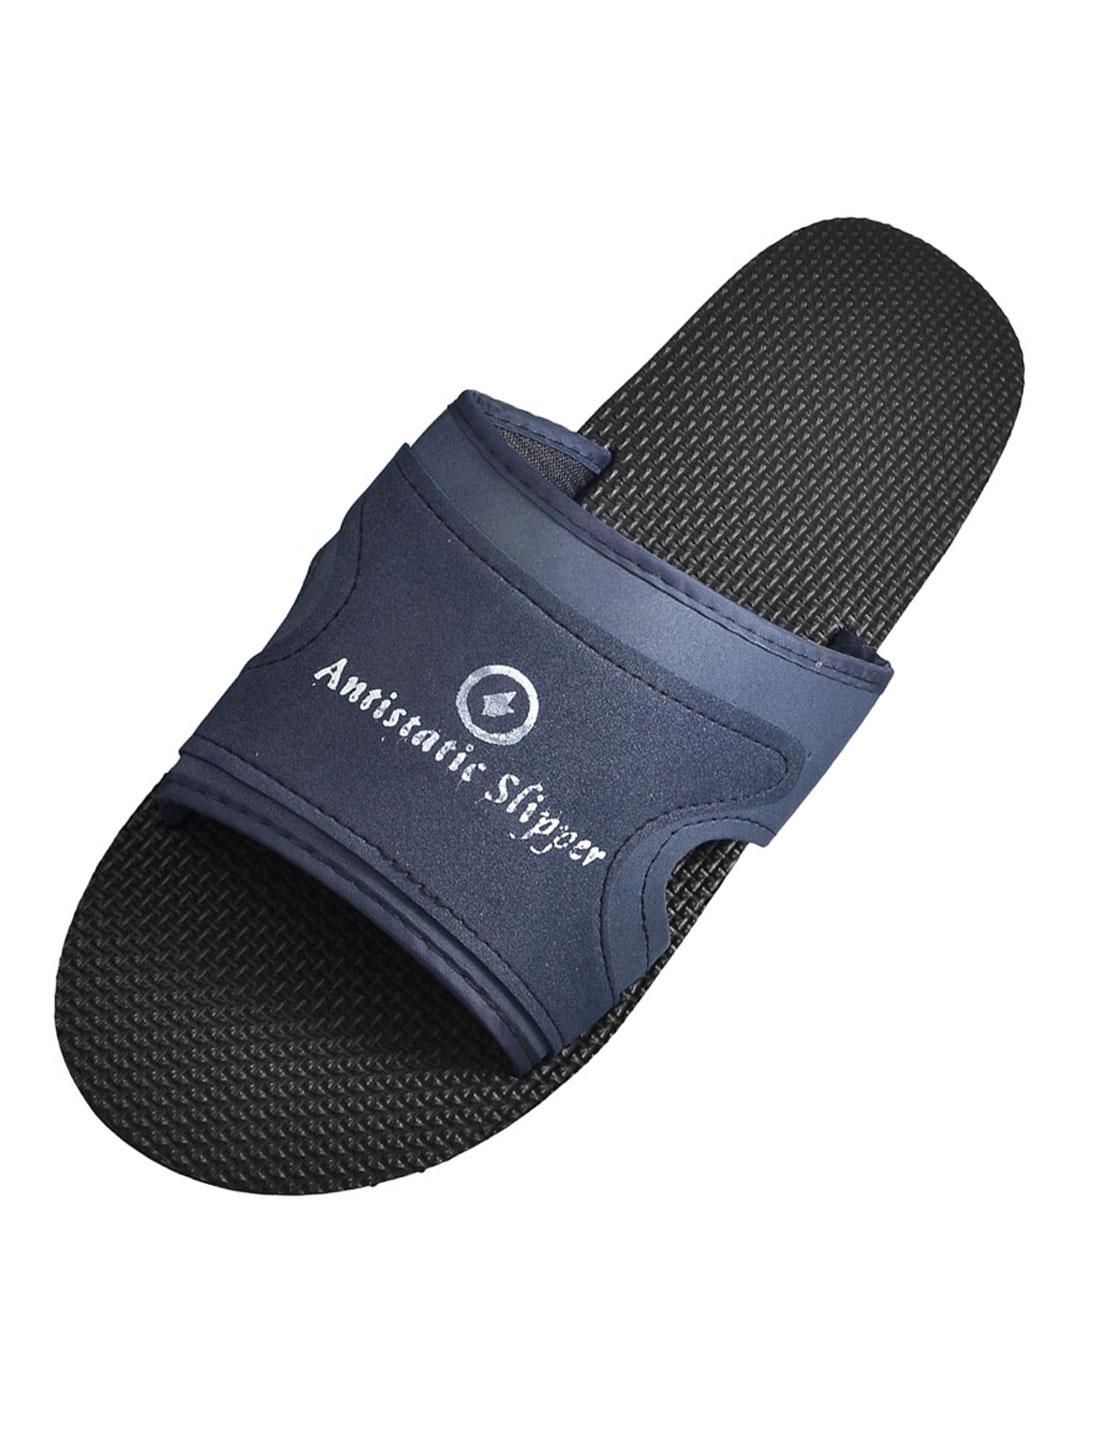 US 6 Black Navy Blue Foam Anti Slip Antistatic ESD Slippers for Men